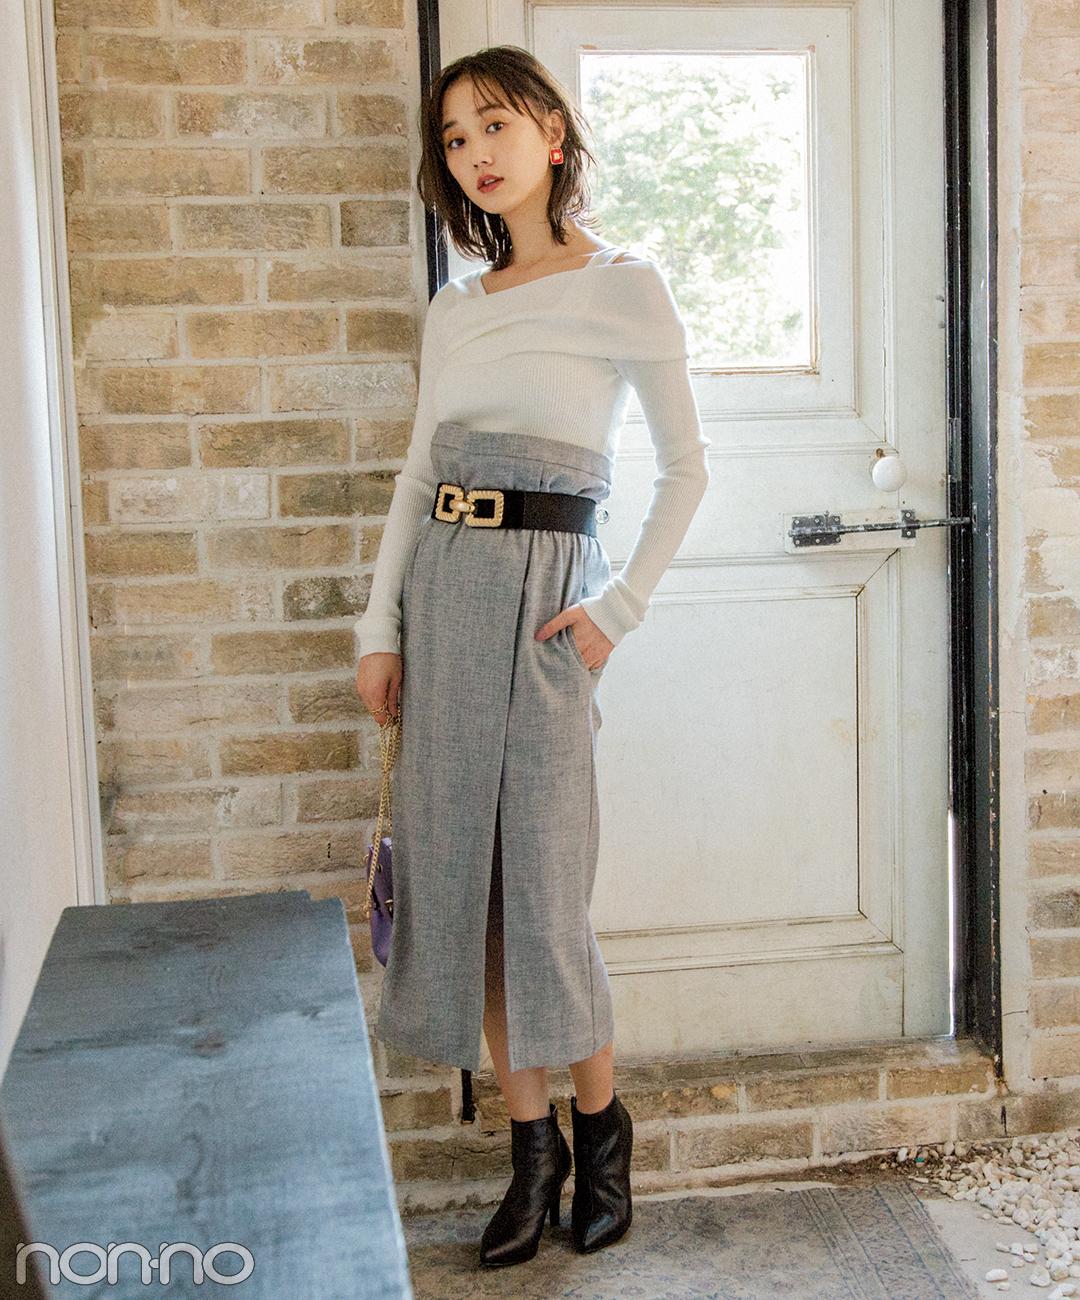 【モノトーンコーデ】女らしいIライン&スリット入りスカートで色っぽく!